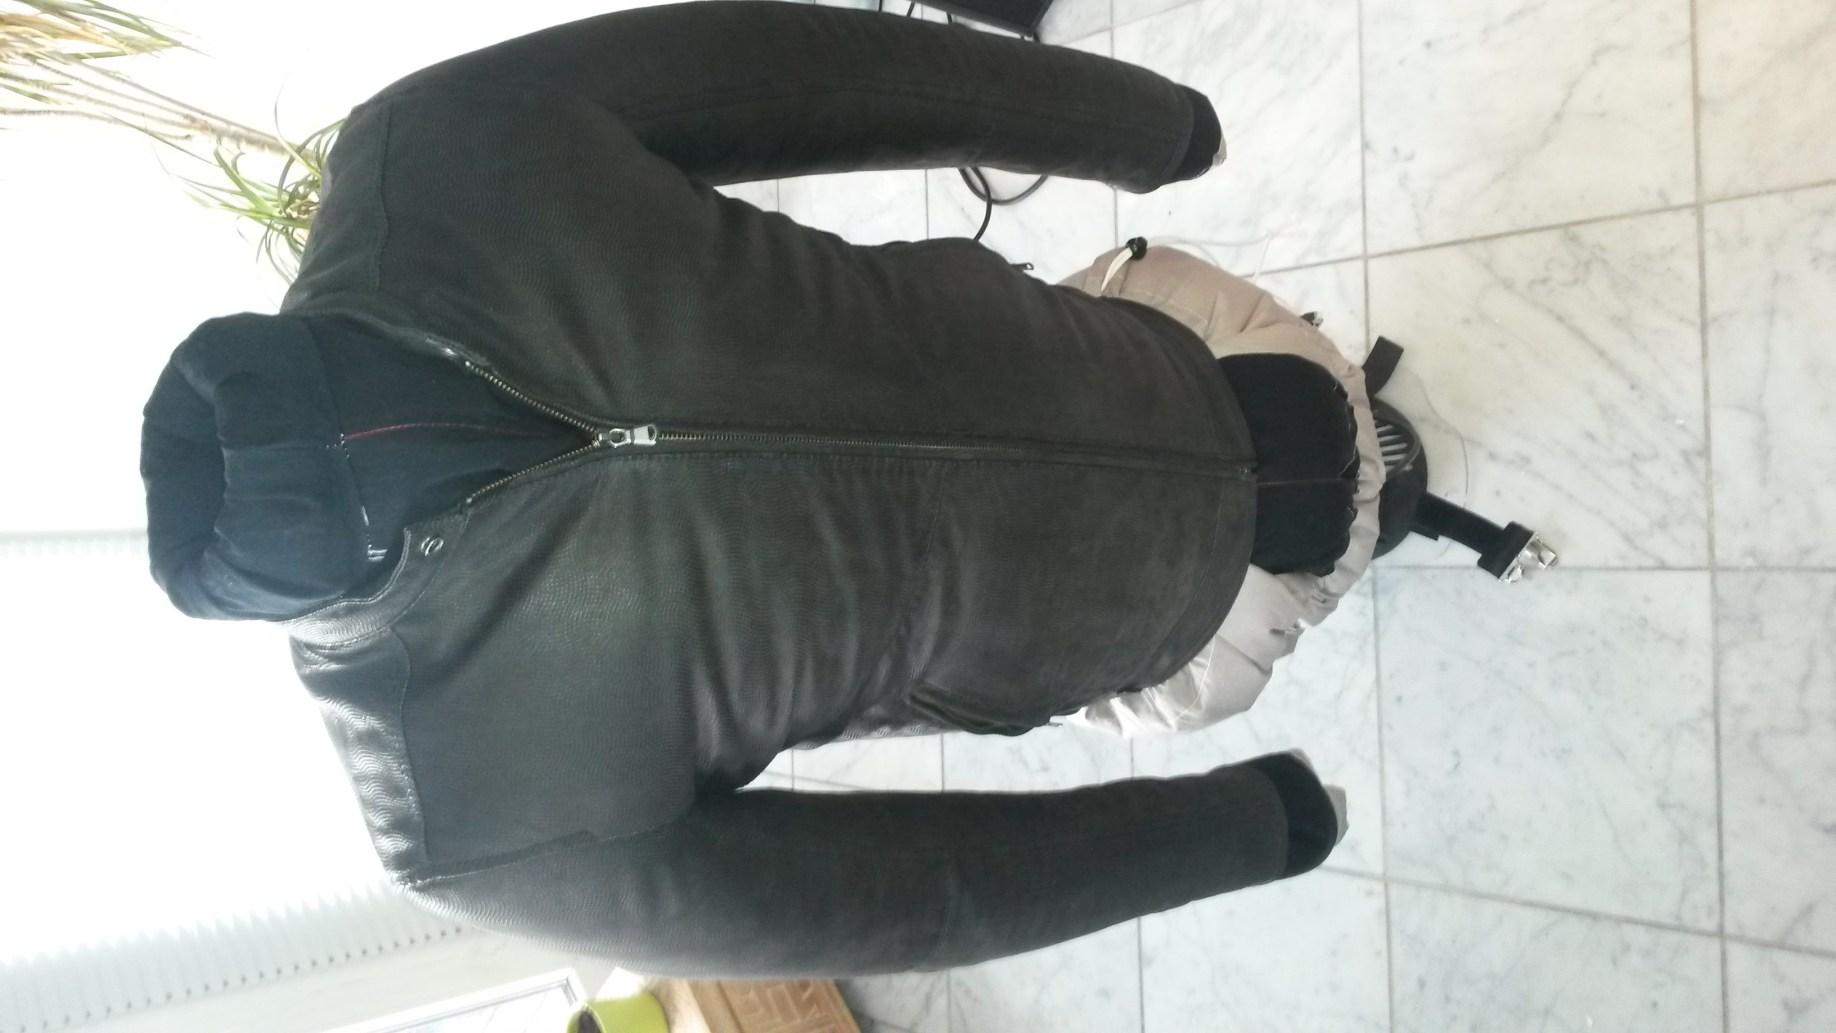 Jacke trocknen mit der Bügelpuppe